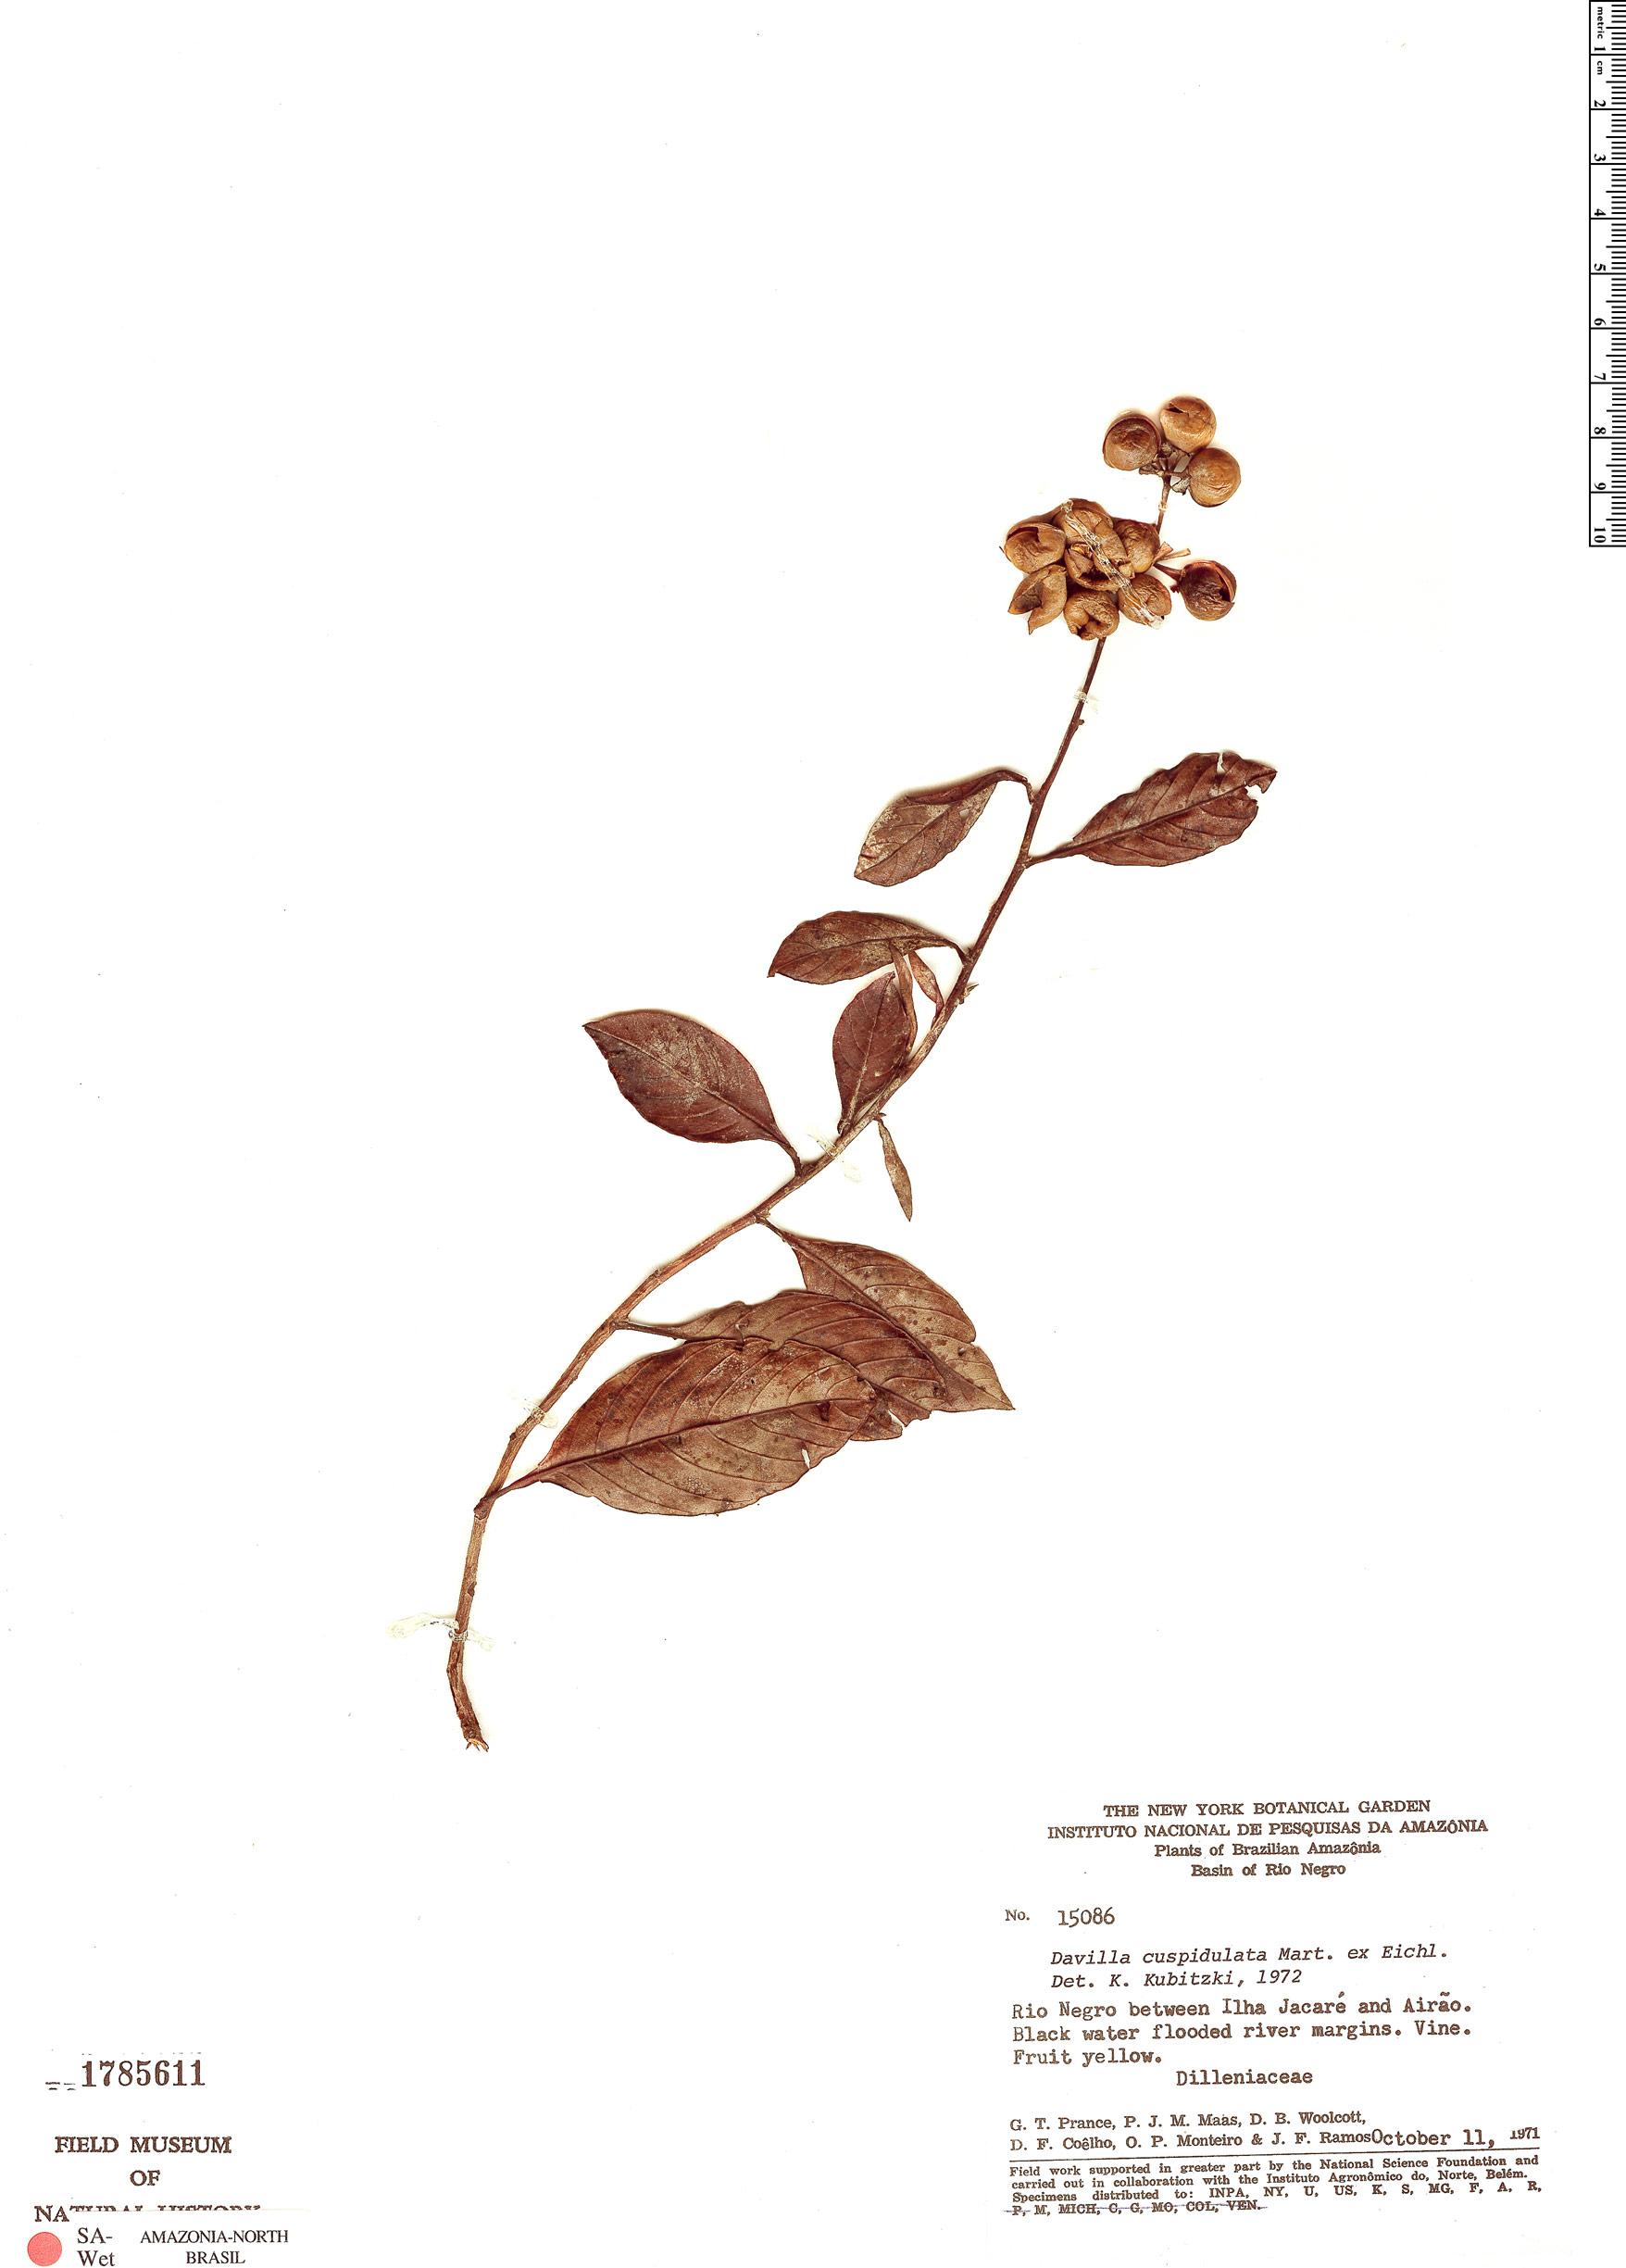 Specimen: Davilla cuspidulata